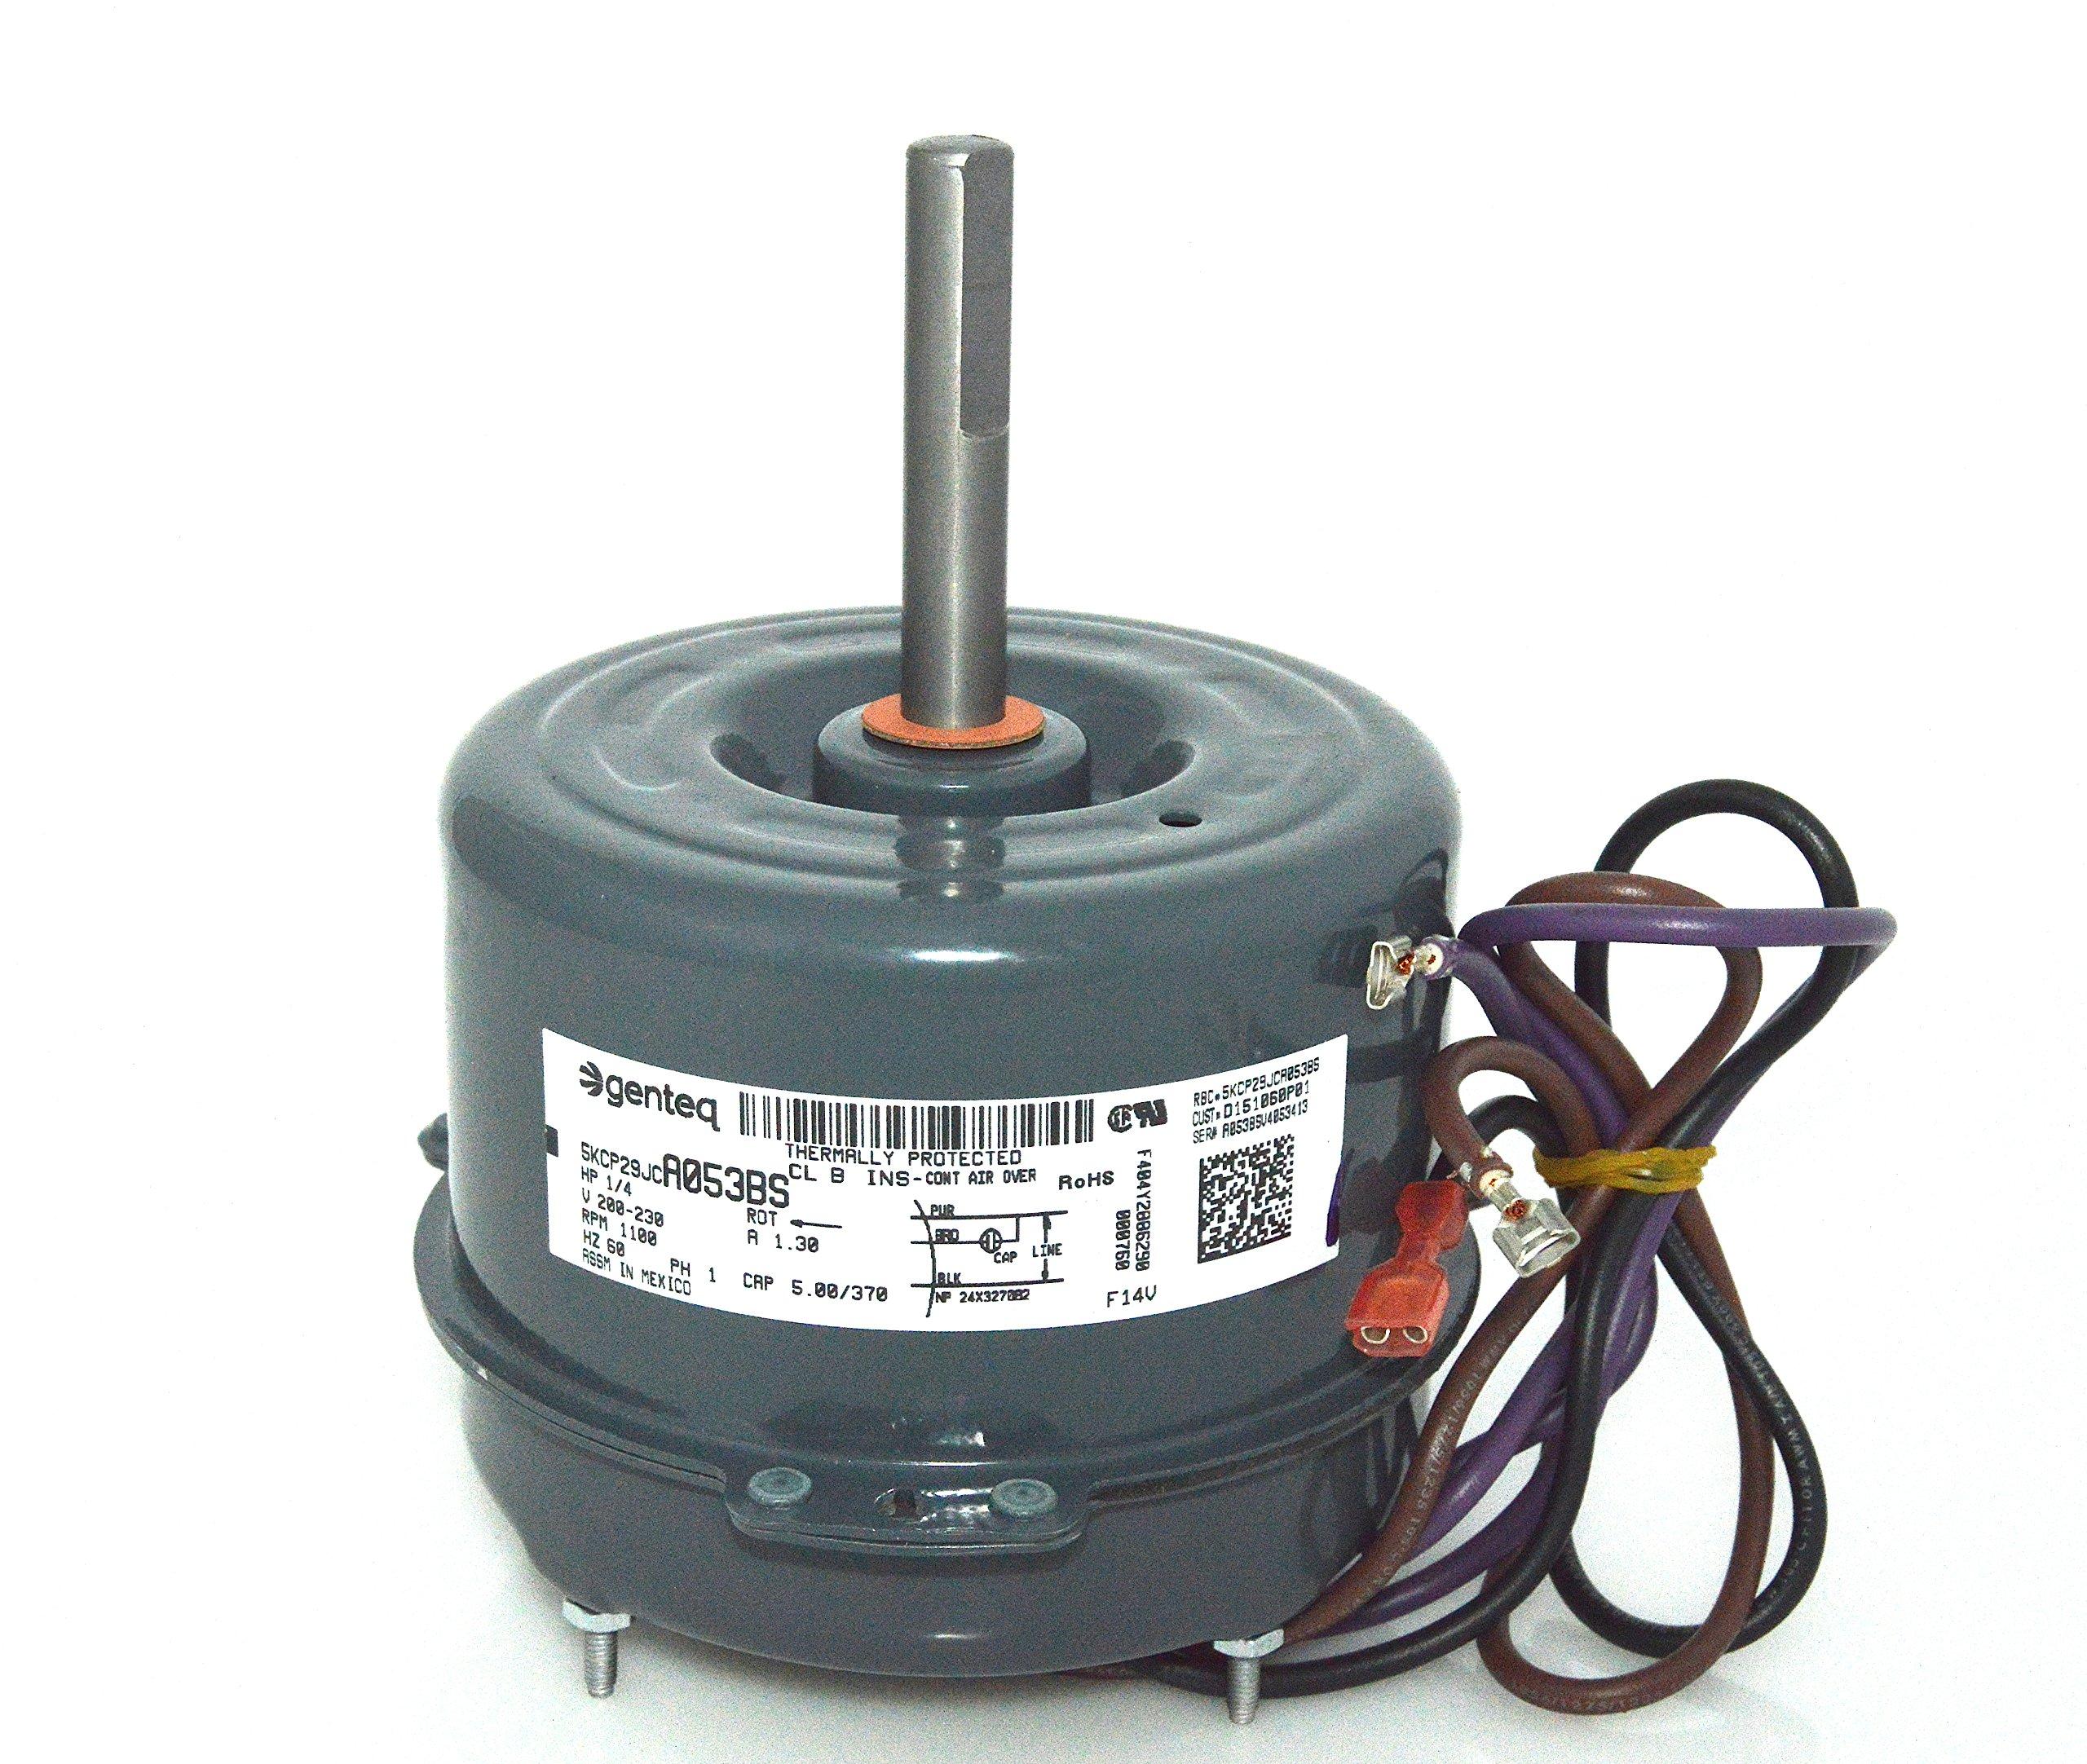 GE Trane Condenser FAN MOTOR 1/4 HP 5KCP29JCA053BS